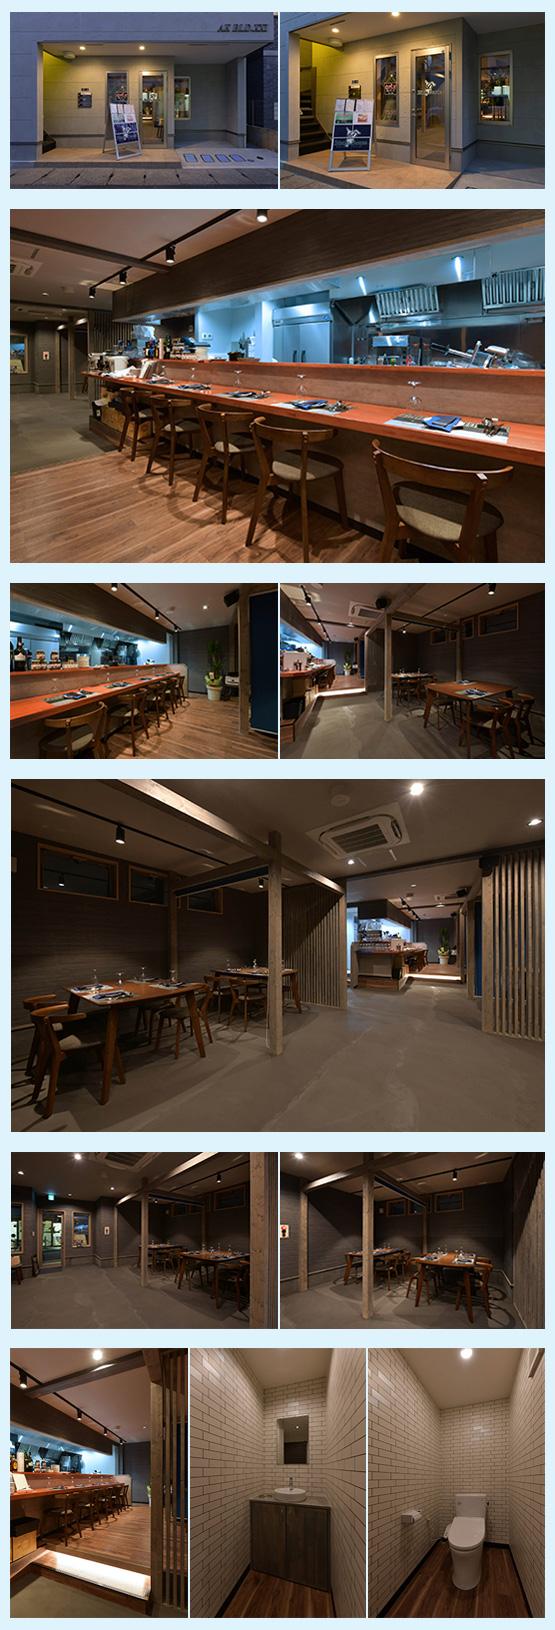 レストラン・イタリアン・フレンチ 内装デザイン事例7